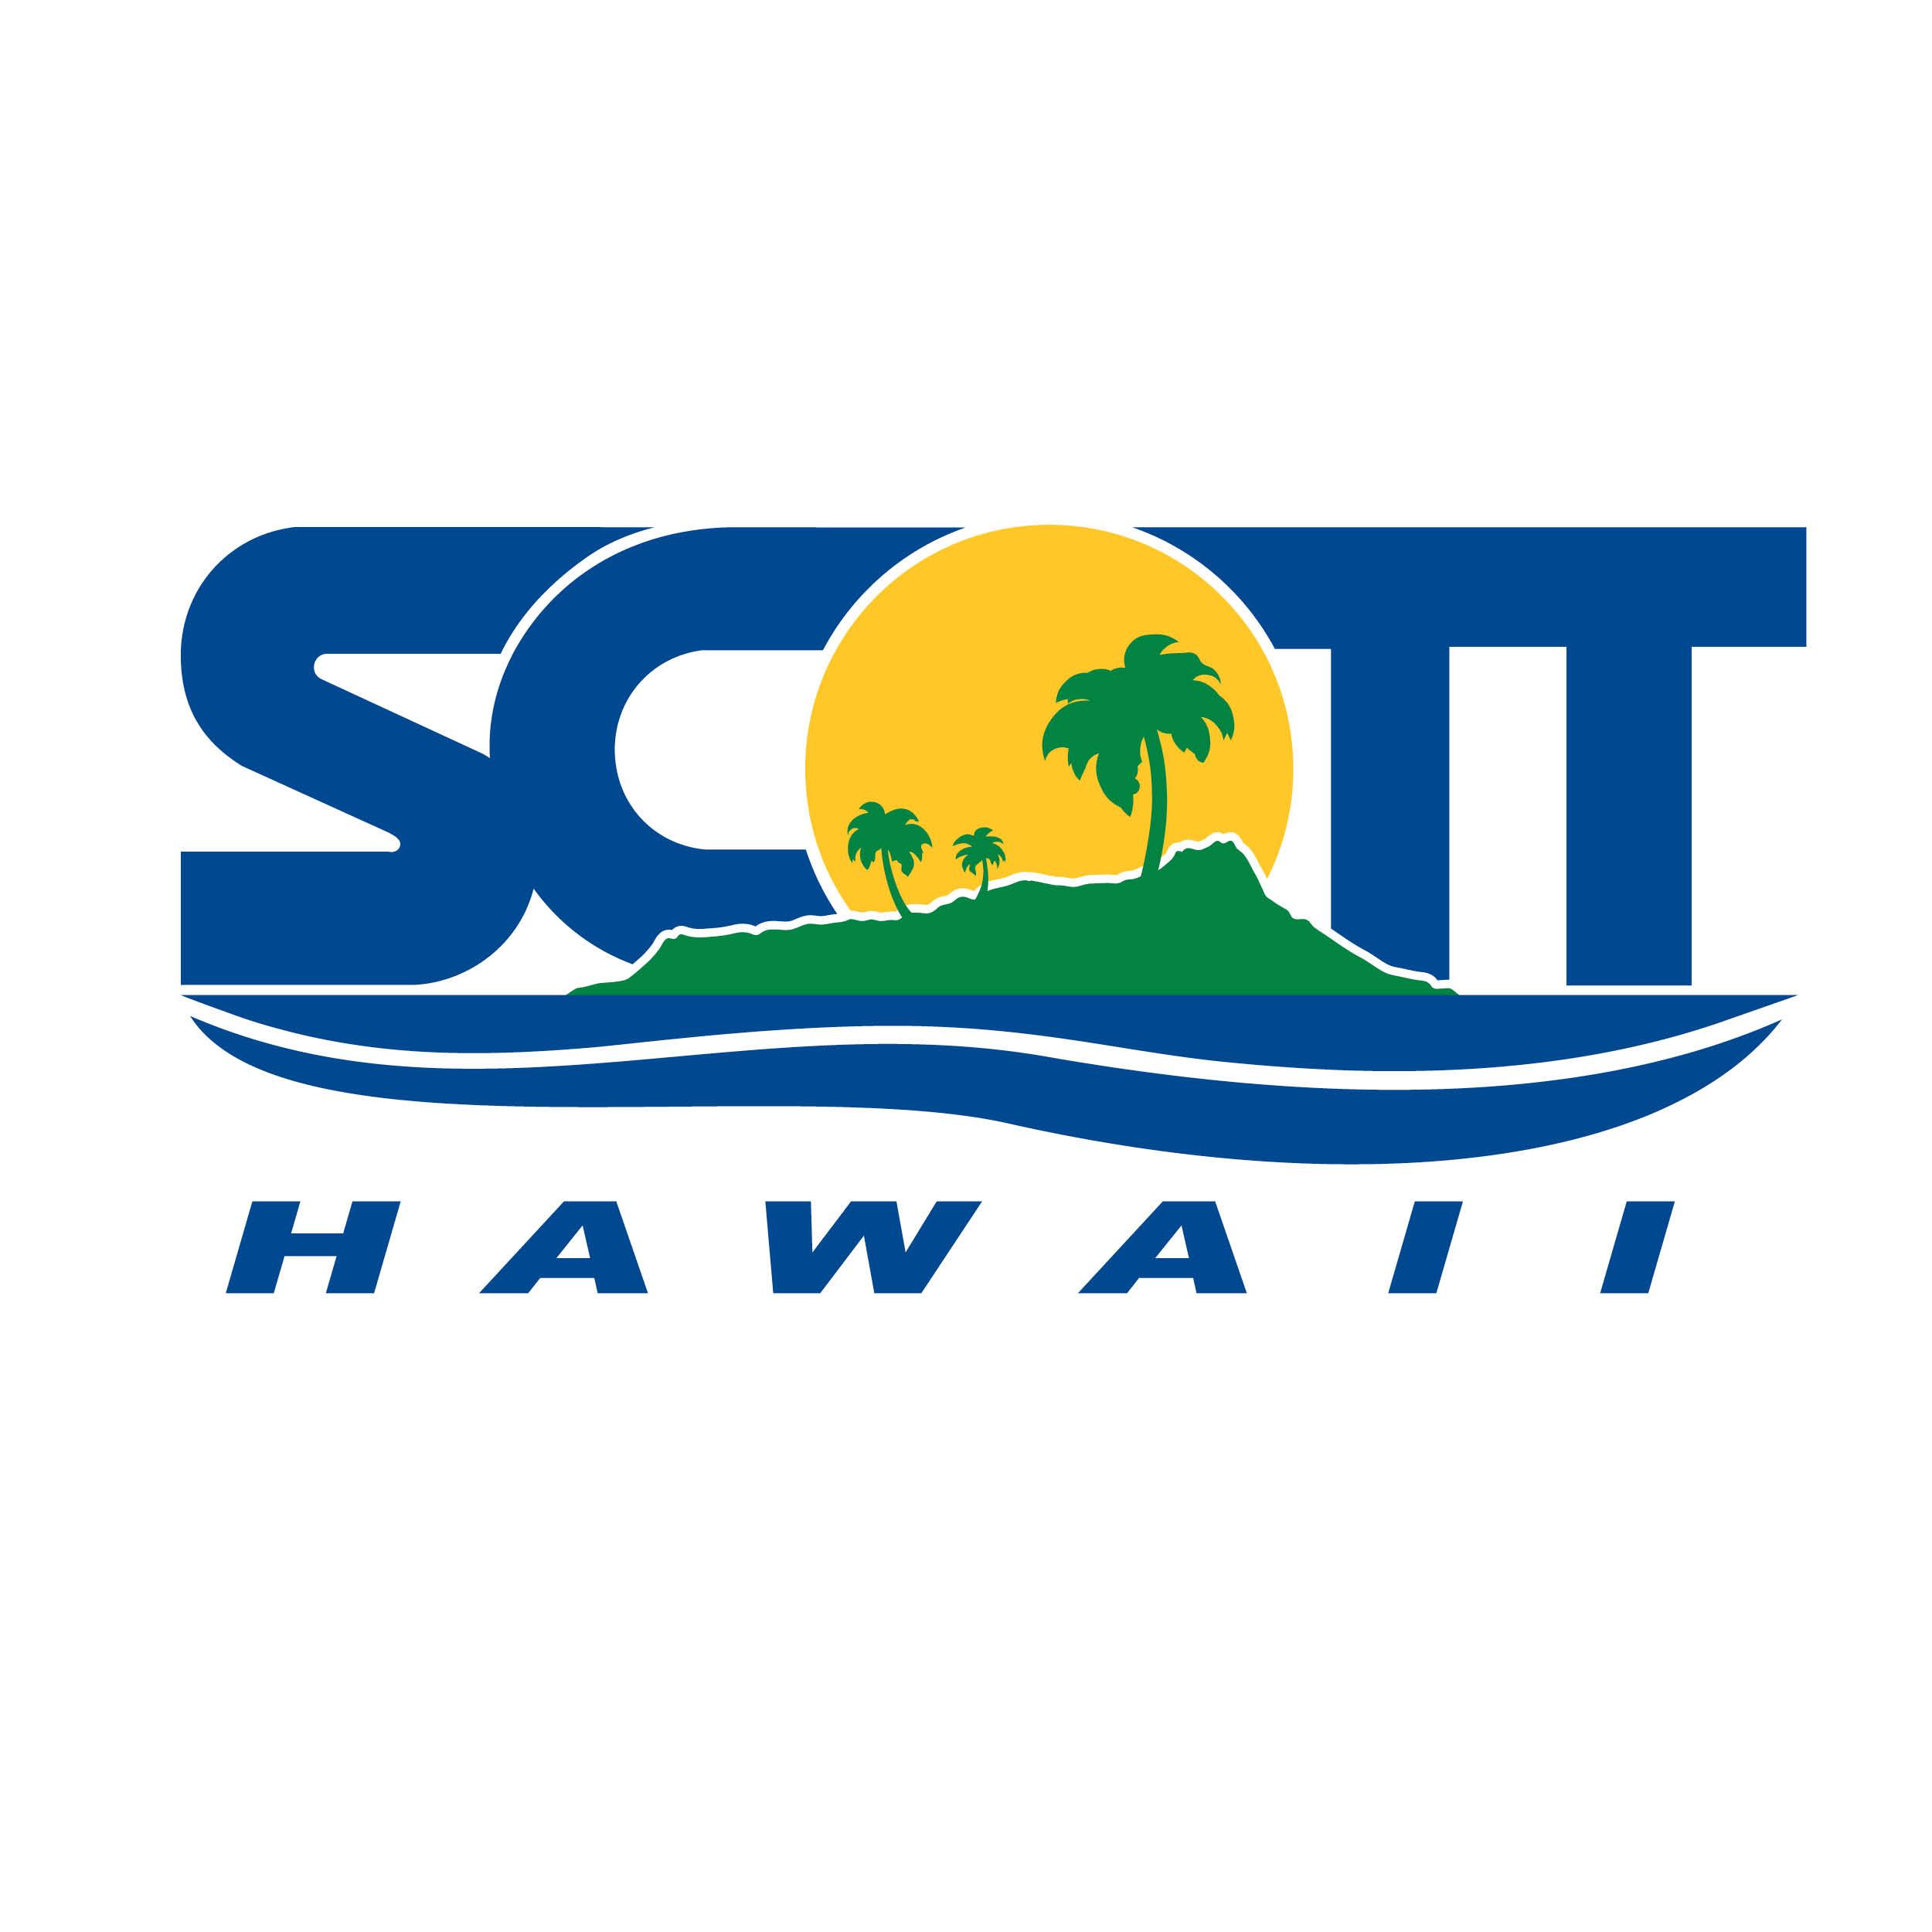 Scott Hawaii.jpg